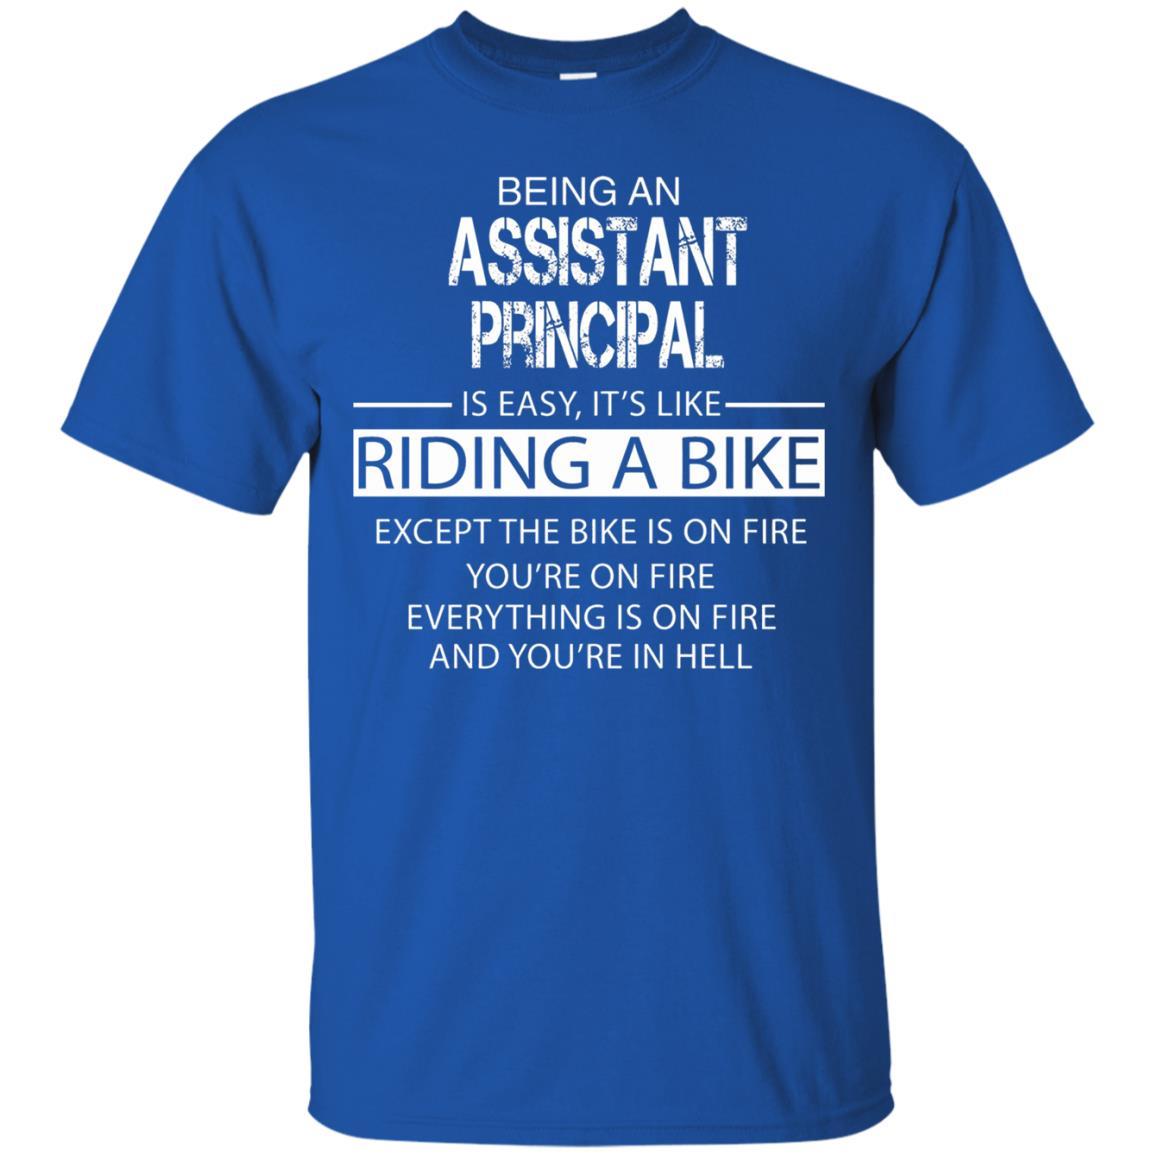 6d4dd8b1 Assistant Principal T Shirt - 10% Off - FavorMerch